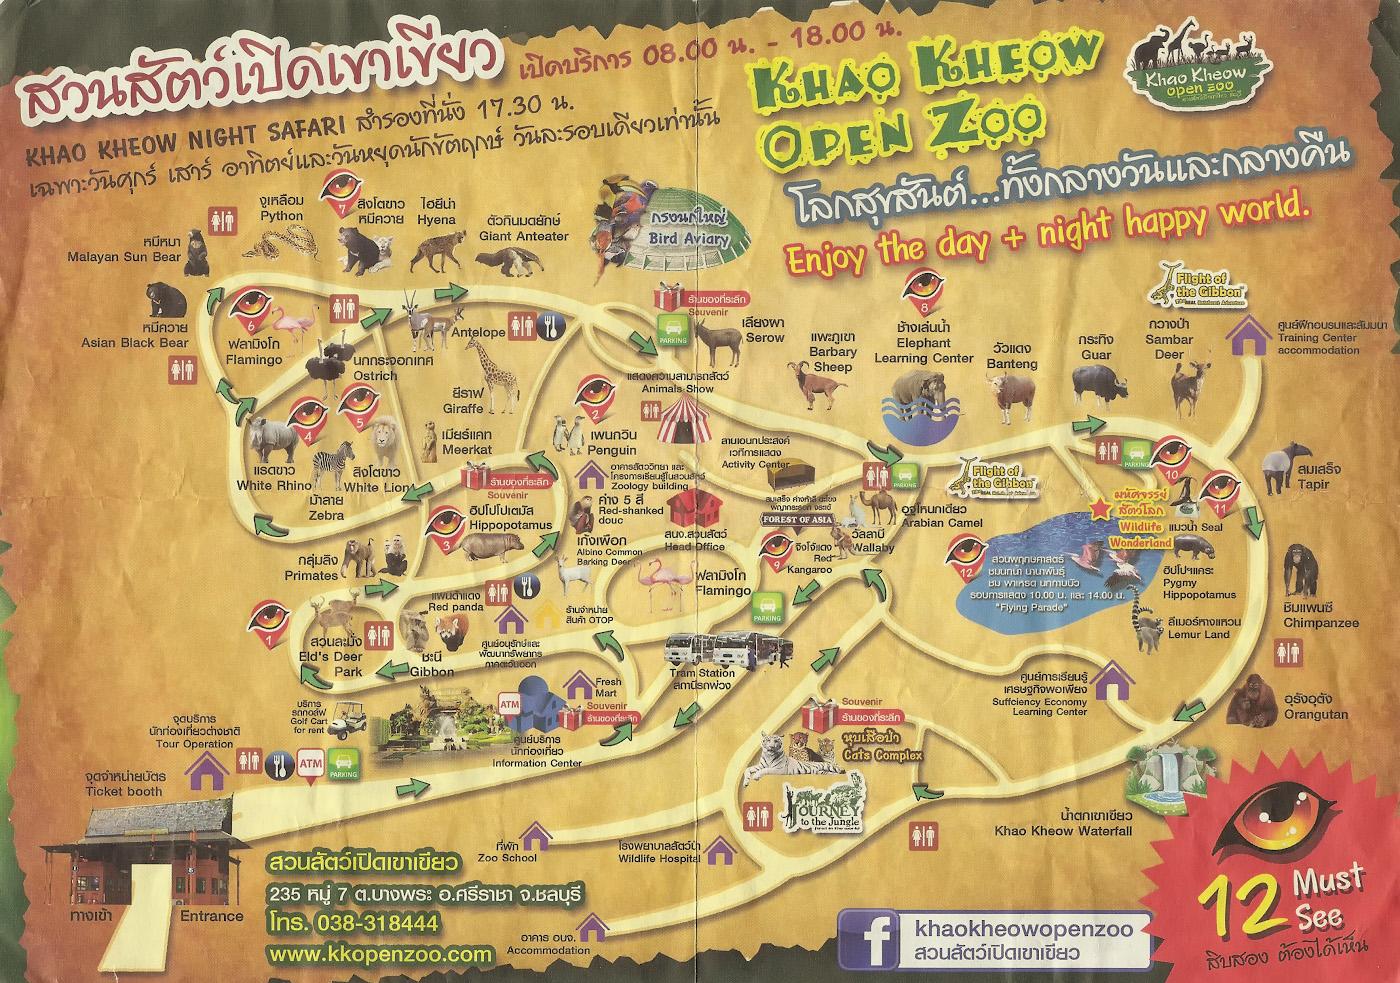 24. Схема зоопарка «Кхао Кхео» (Khao Kheow Open Zoo). Карта тропинок и расположение вольеров с различными животными.